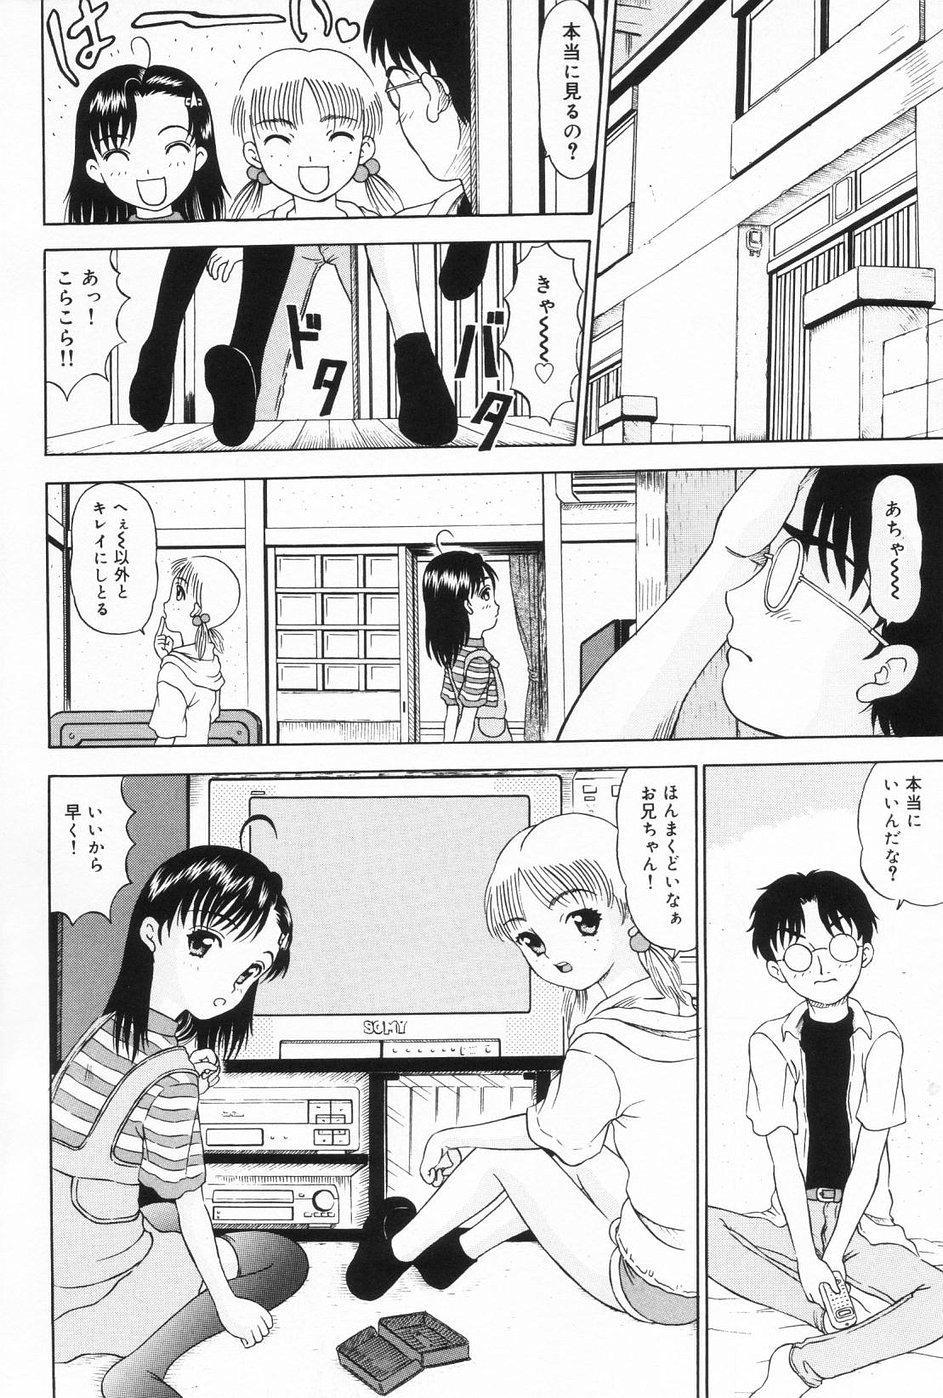 Onnanoko no Yorimichi 6